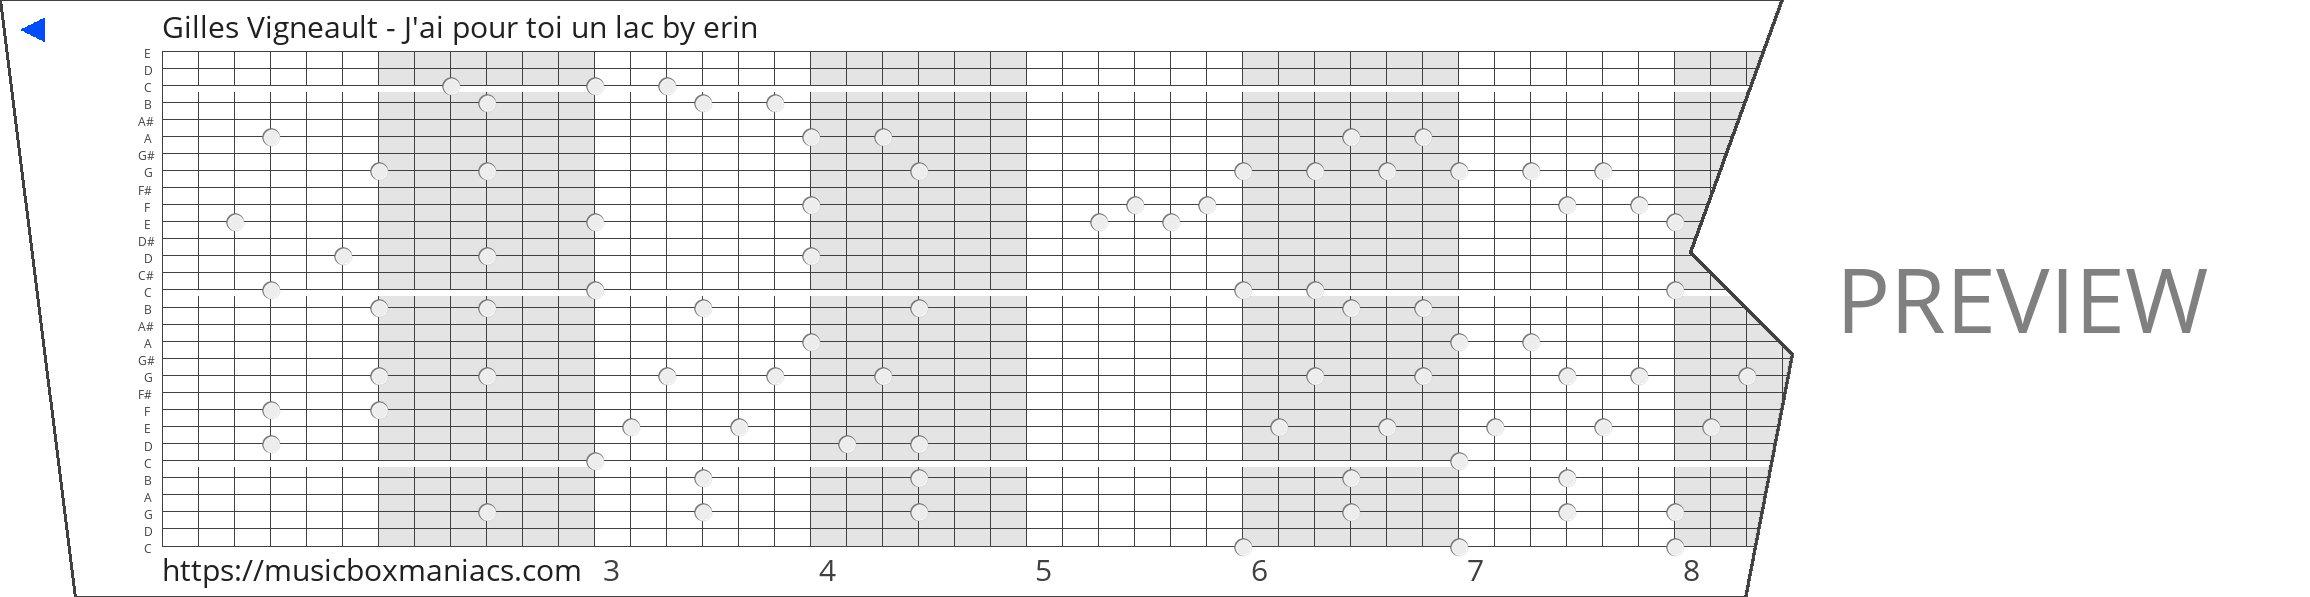 Gilles Vigneault - J'ai pour toi un lac 30 note music box paper strip